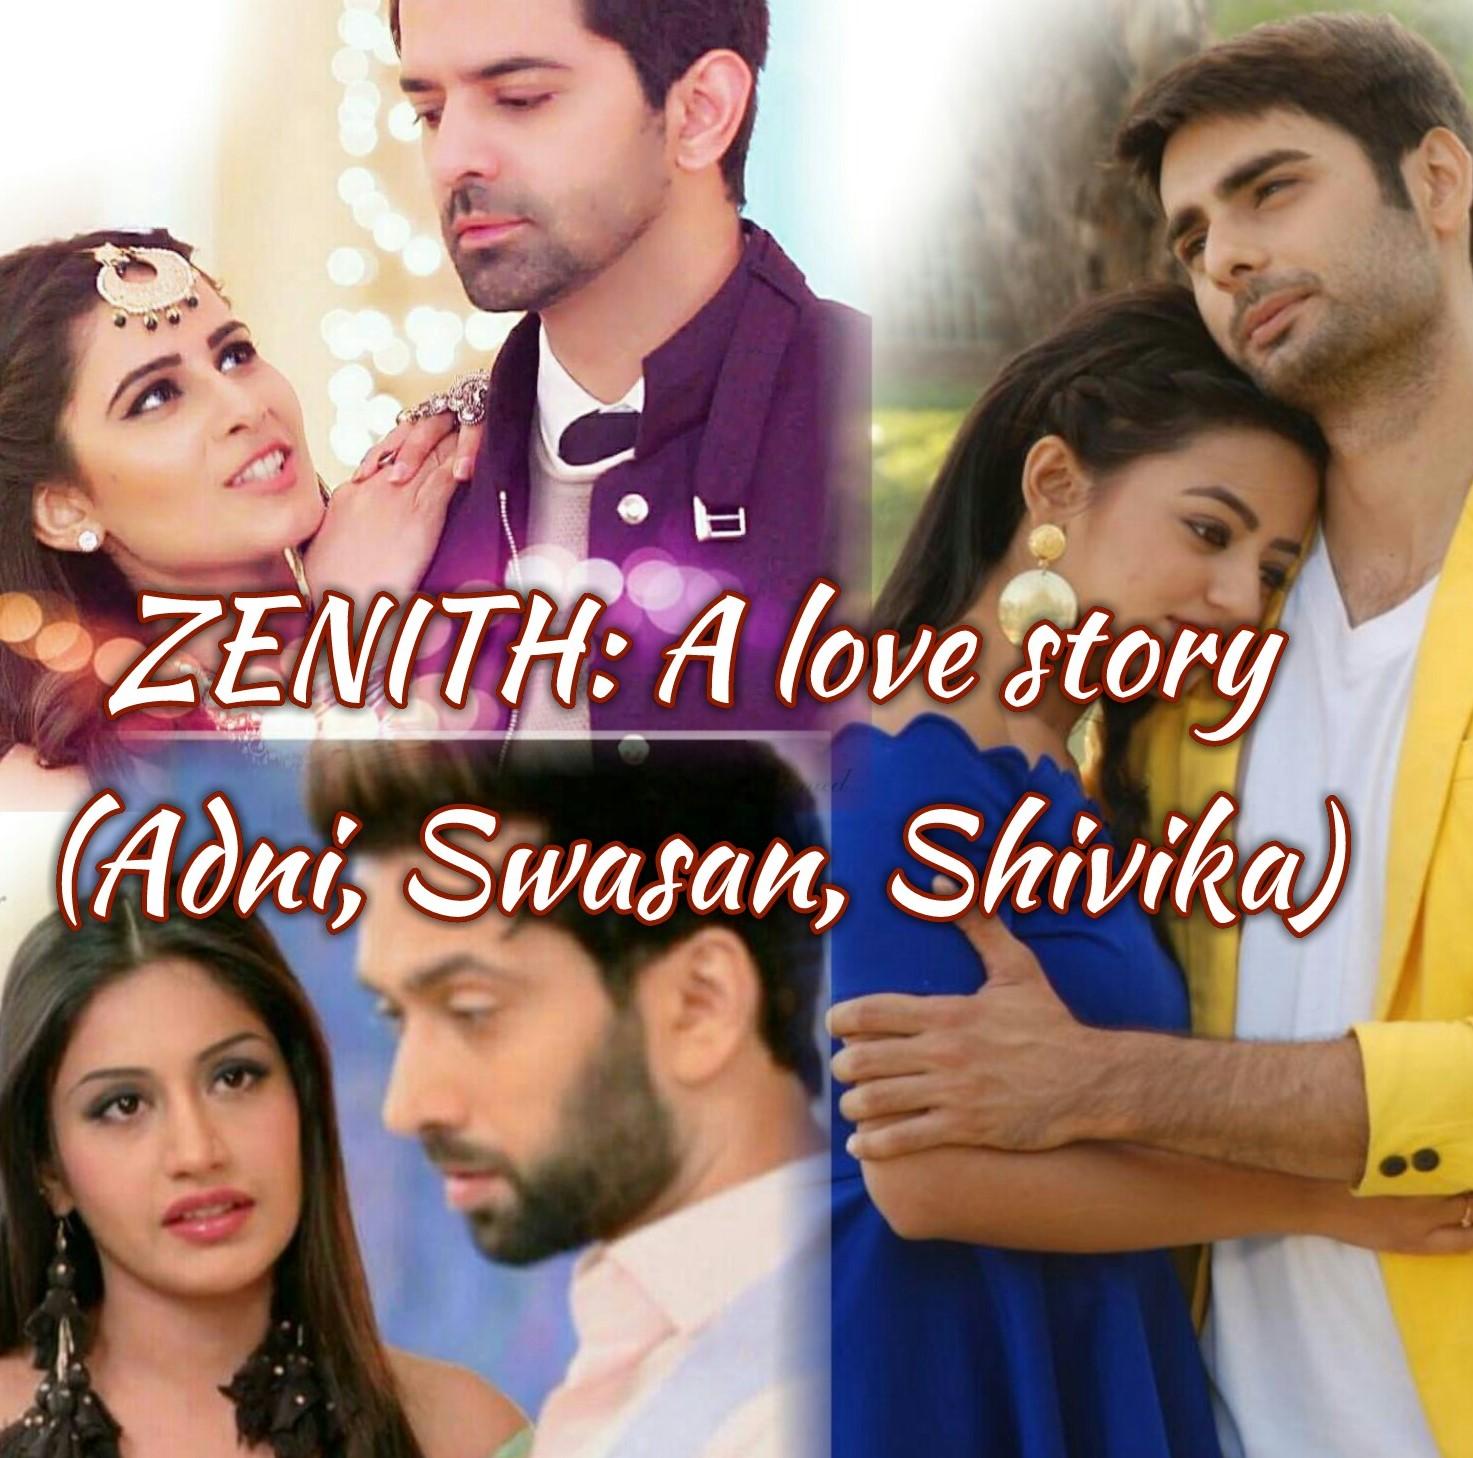 ZENITH: A love story (Adni, Swasan, Shivika) Introduction